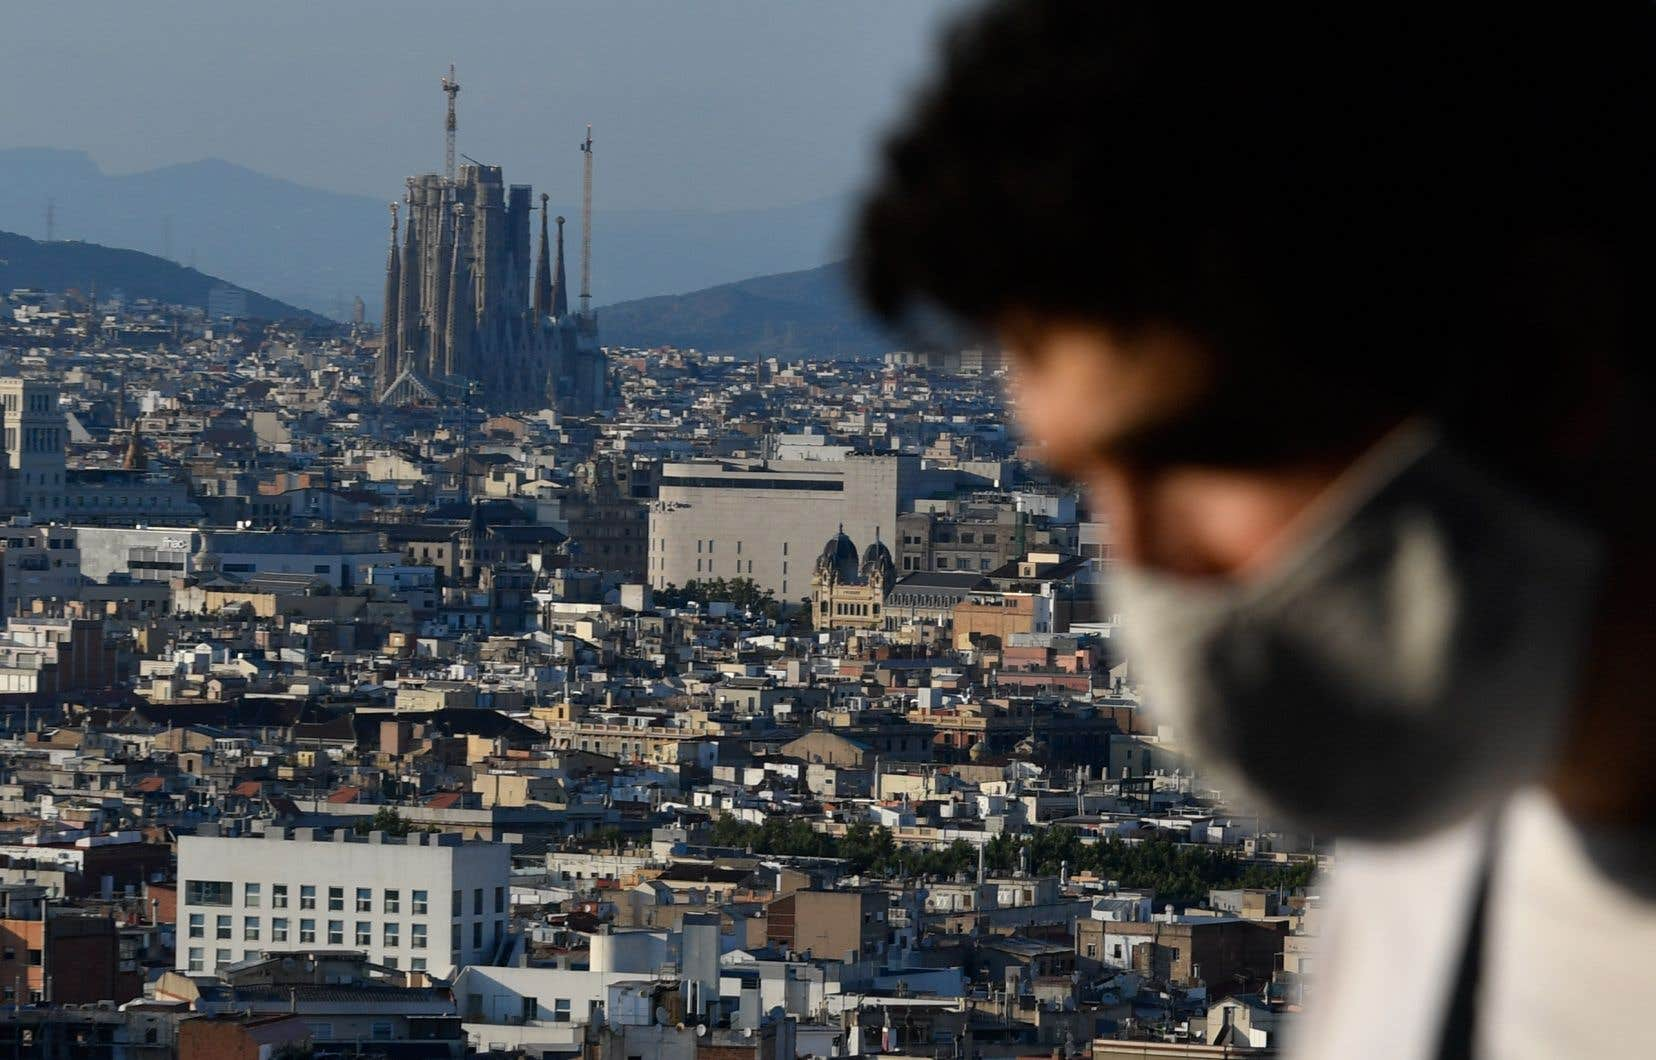 Alors que des États annoncent des restrictions à l'égard de l'Espagne, le gouvernement espagnol affirme que la situation est «maîtrisée» et que les foyers d'éclosion sont «localisés et isolés».